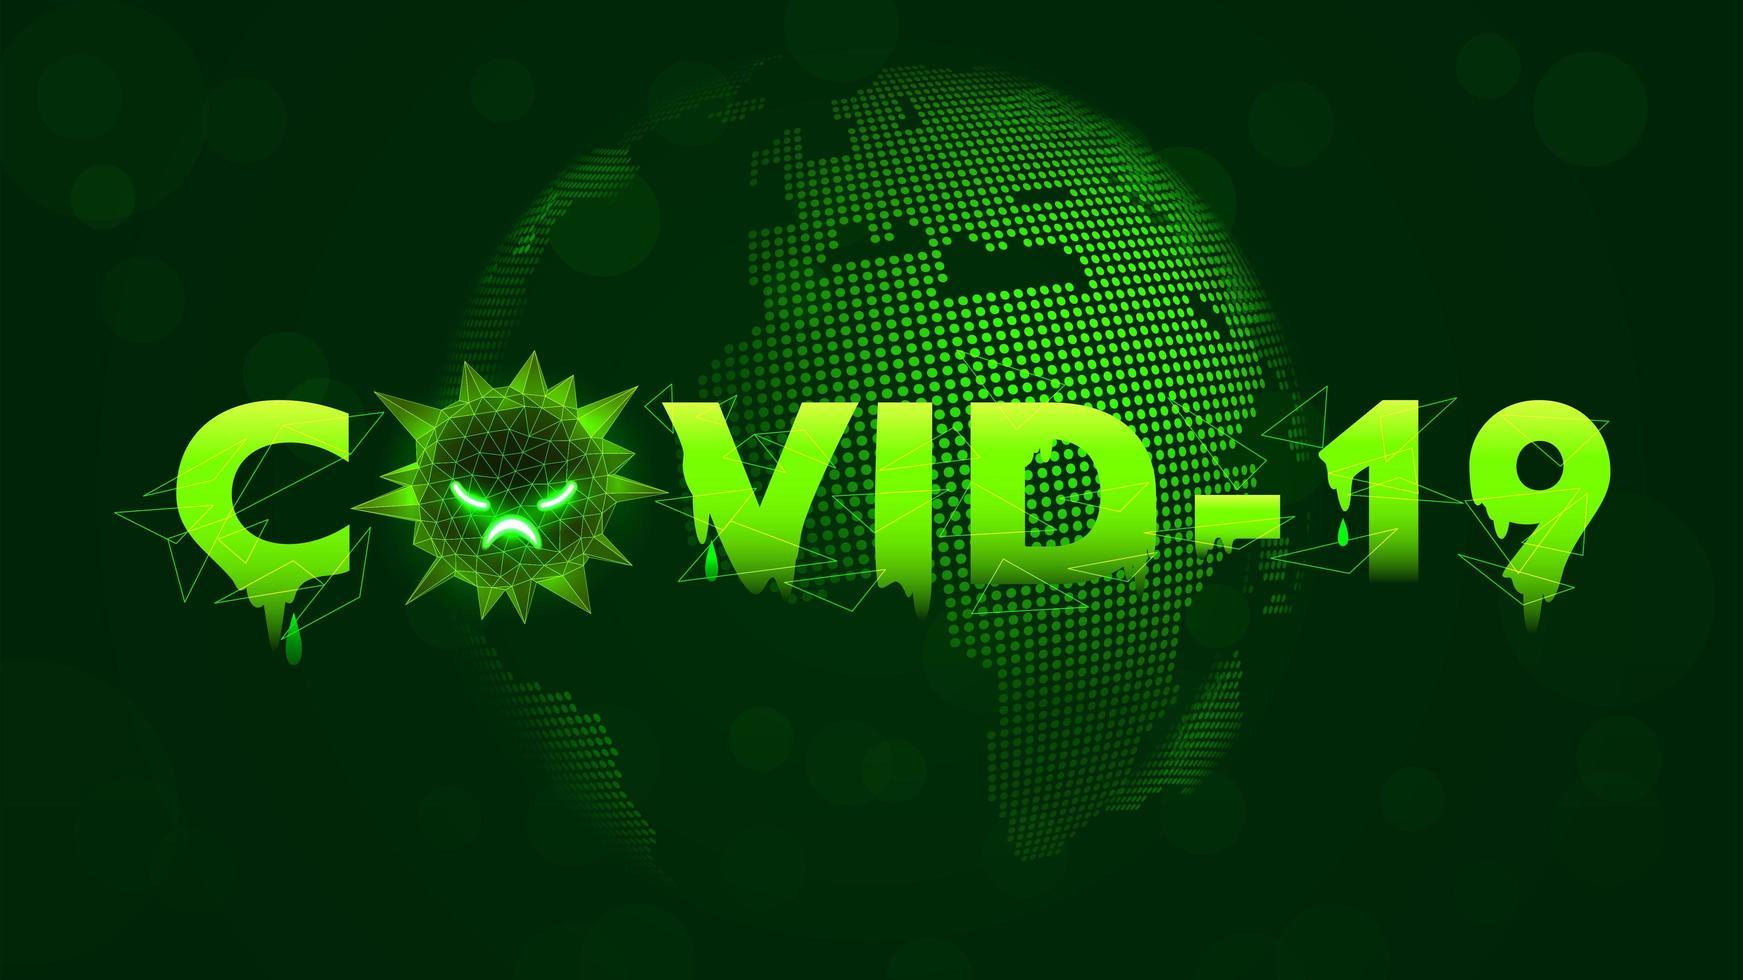 pingando design de texto covid-19 com globo vetor